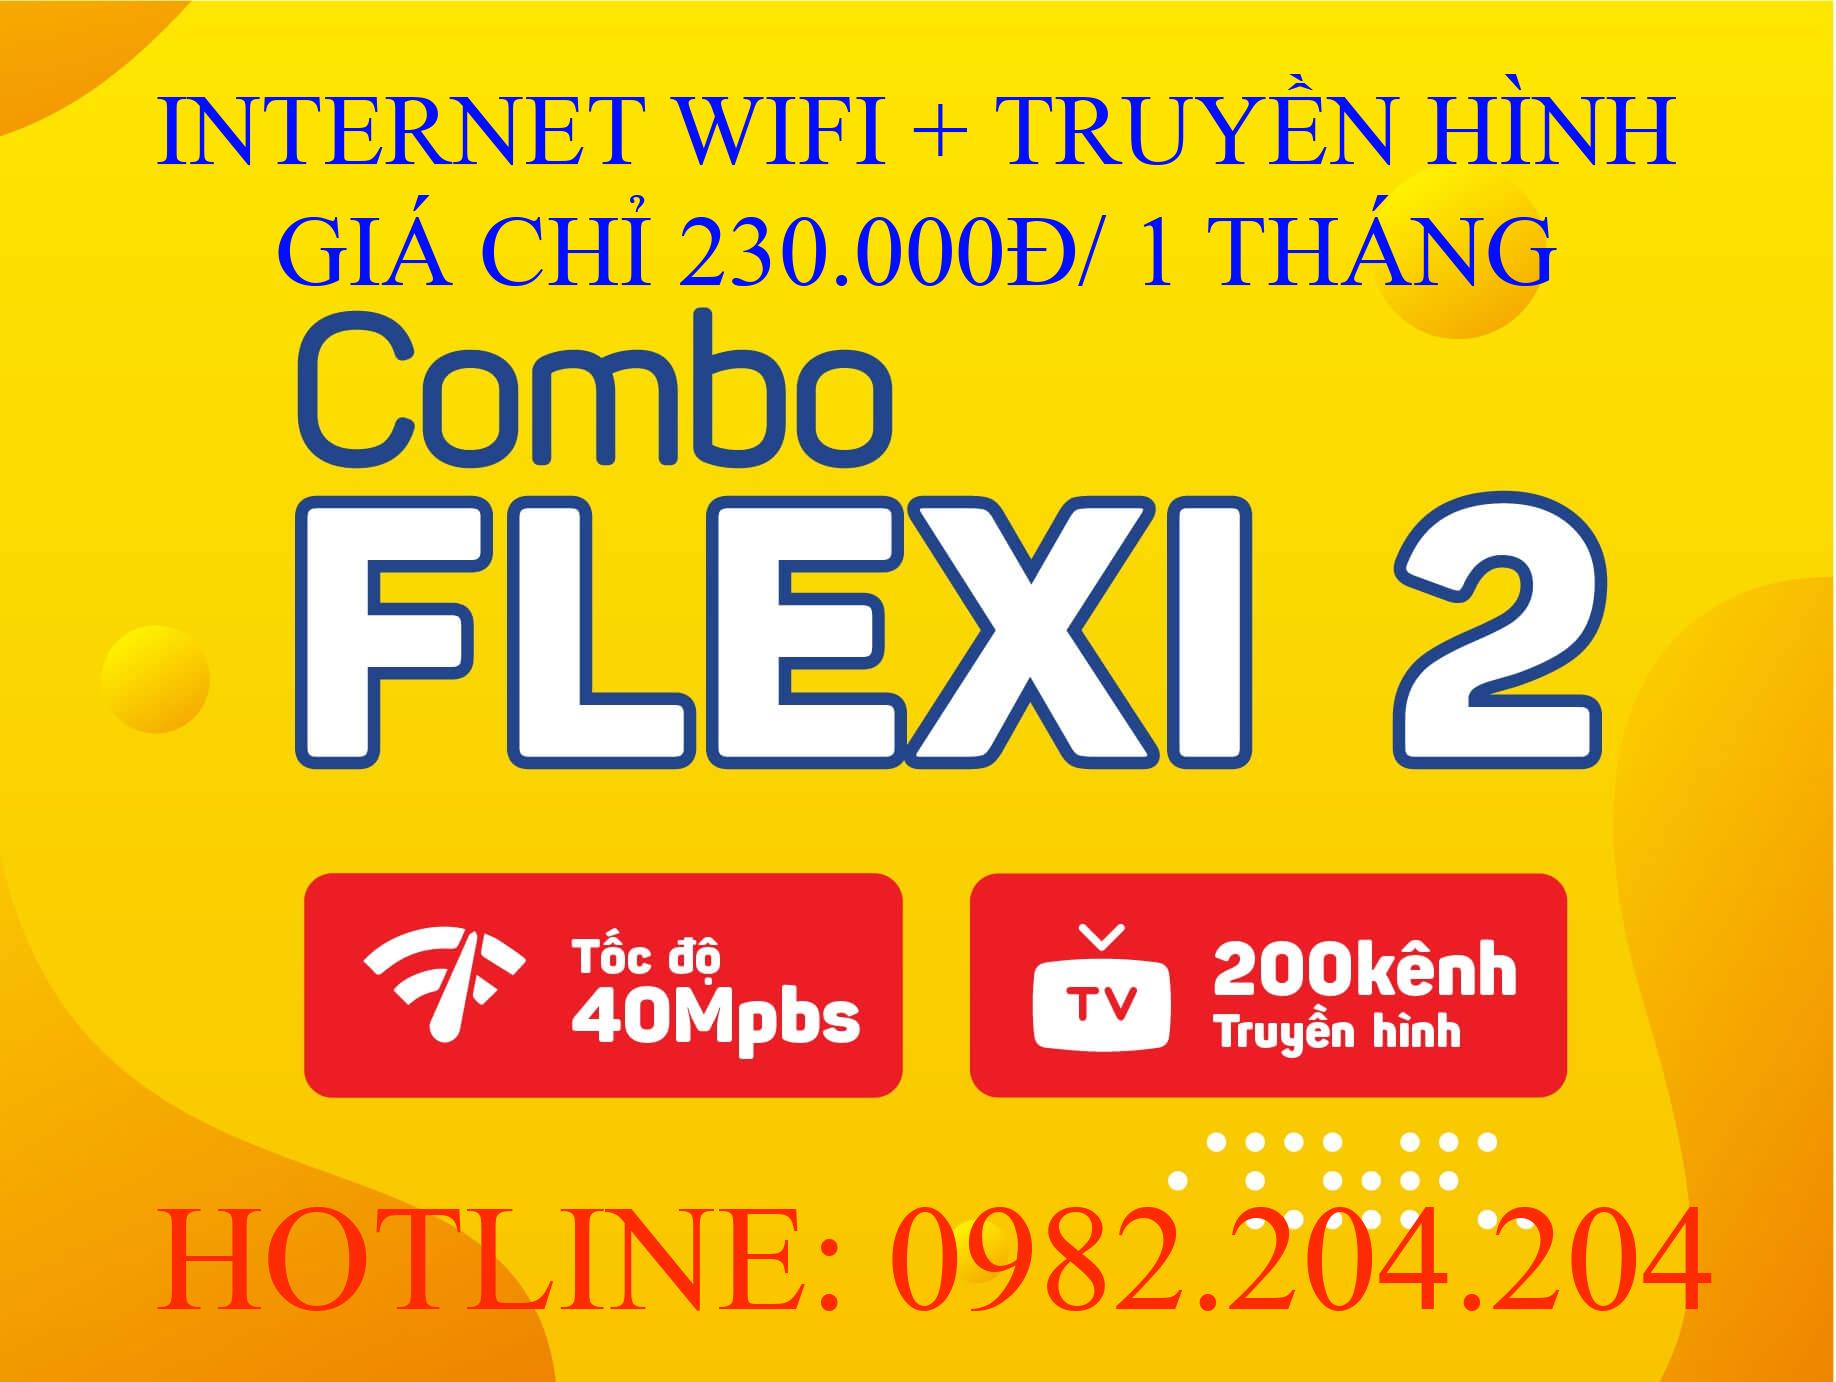 Lắp wifi Viettel combo flexi 2 kèm truyền hình